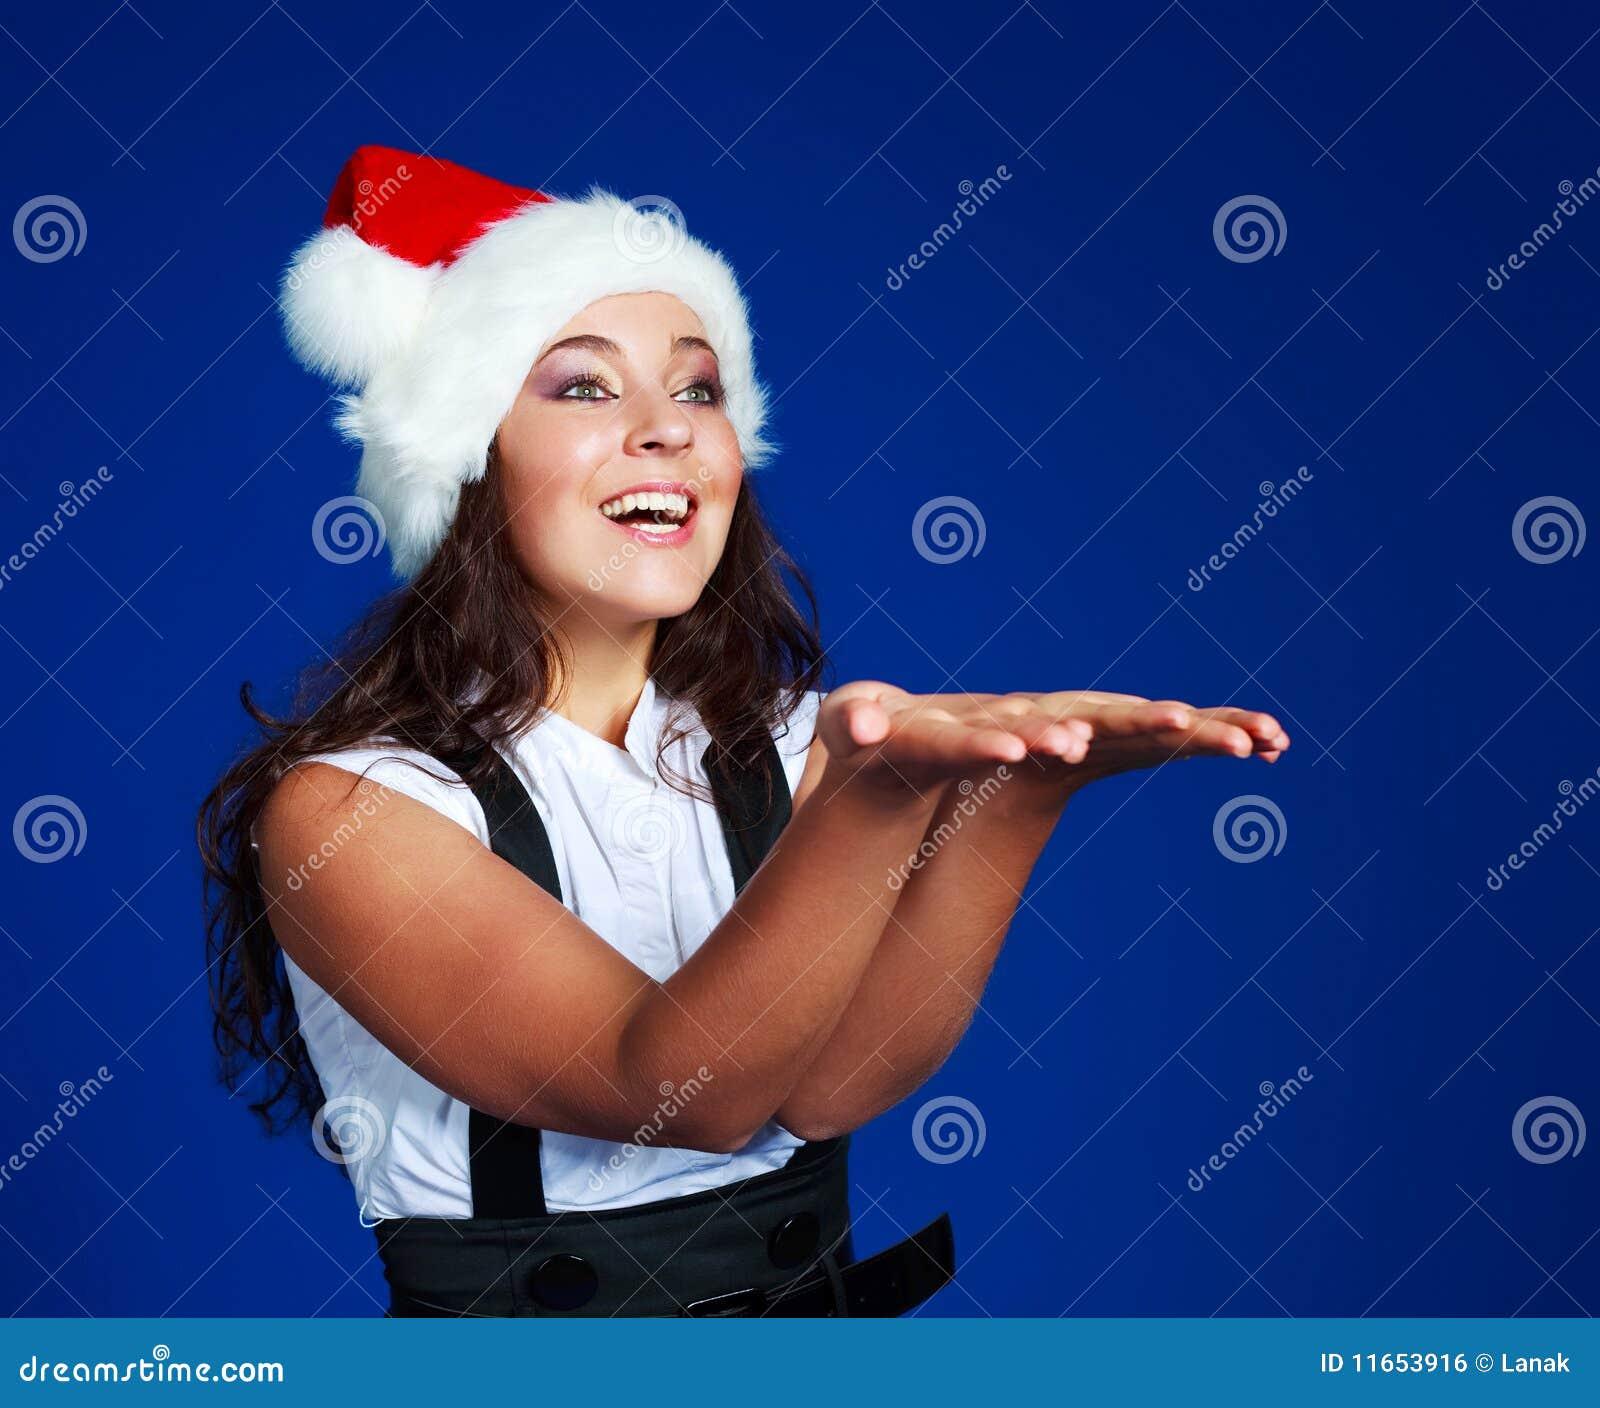 Businesswoman wearing a Santa s hat